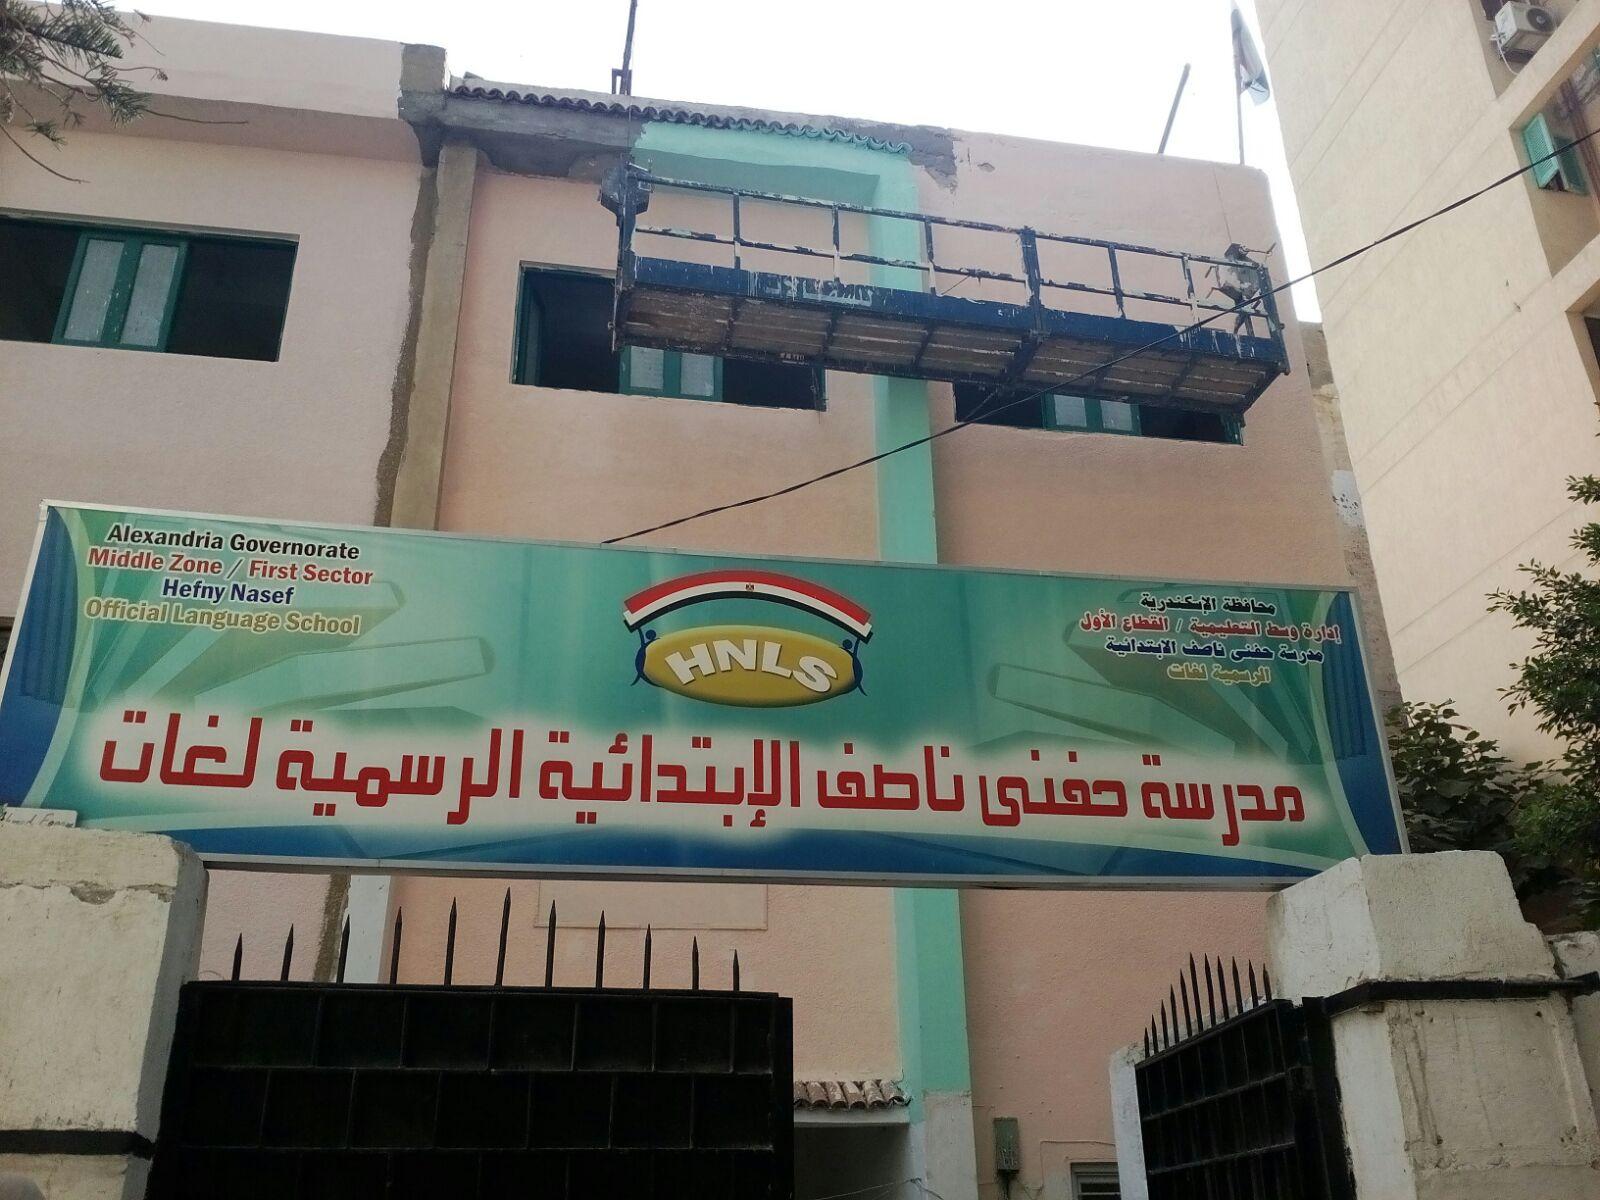 بالحبر الفسفوري.. ناخبة تصوت في دائرة سيدي جابر بالإسكندرية: تحيا مصر (شاركنا صورك 📢)